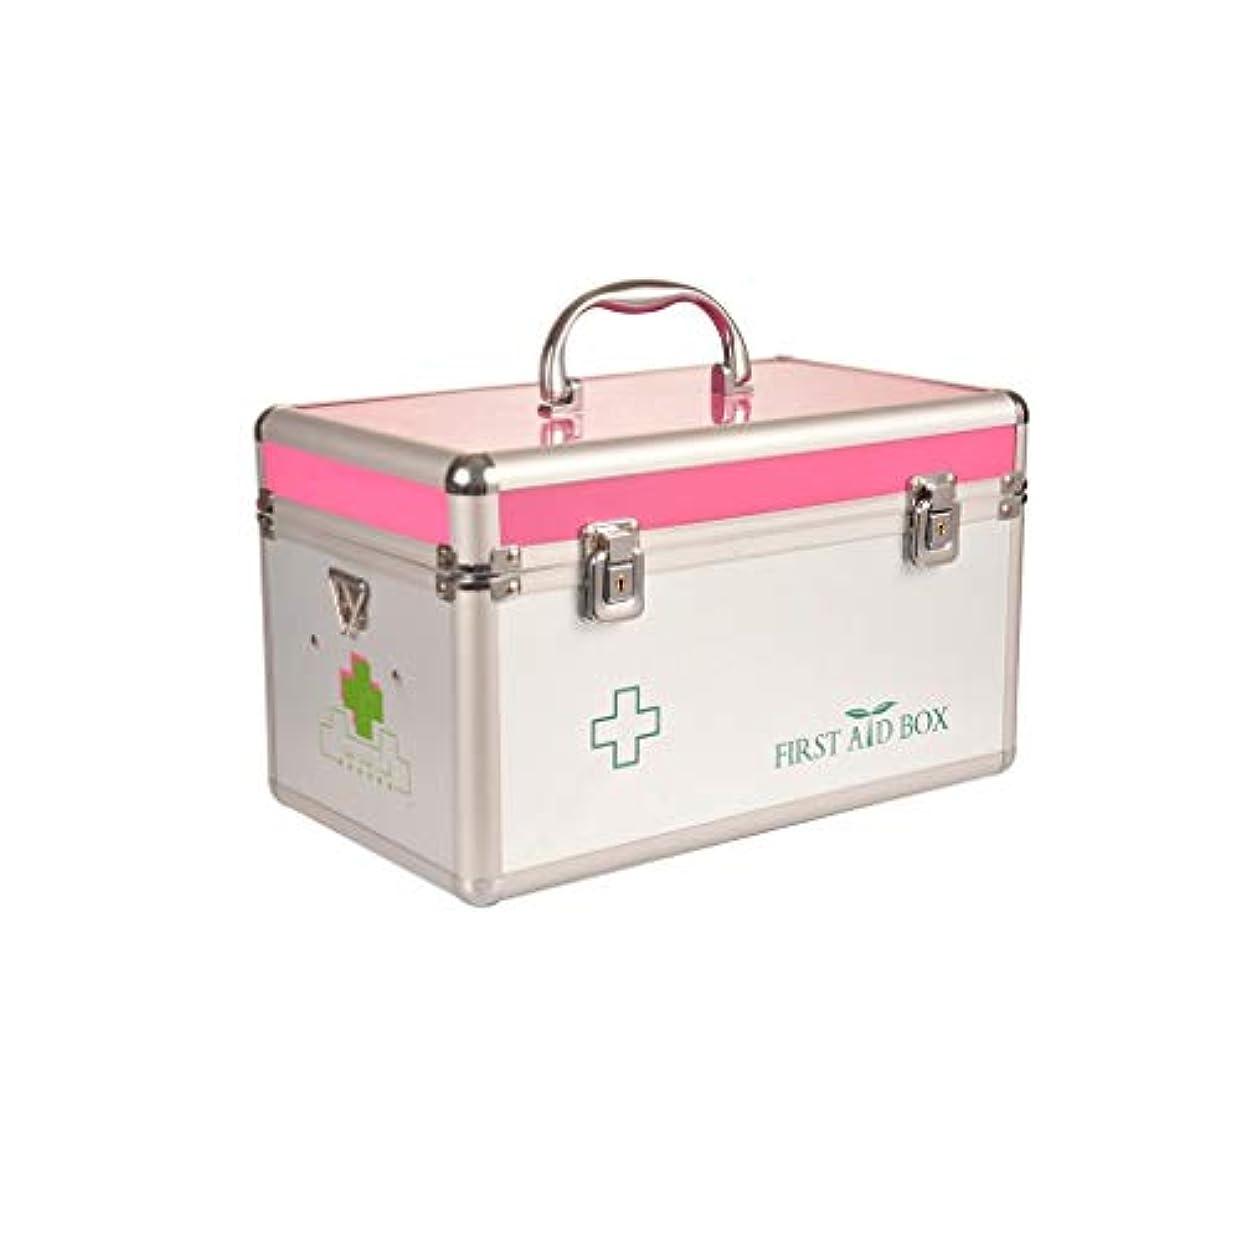 些細影響を受けやすいです物語ホテルの救急箱薬収納ボックス二層医療キットポータブル医療ボックス で利用可能 GBYGDQ (Color : Pink, Size : 30×18×18cm)